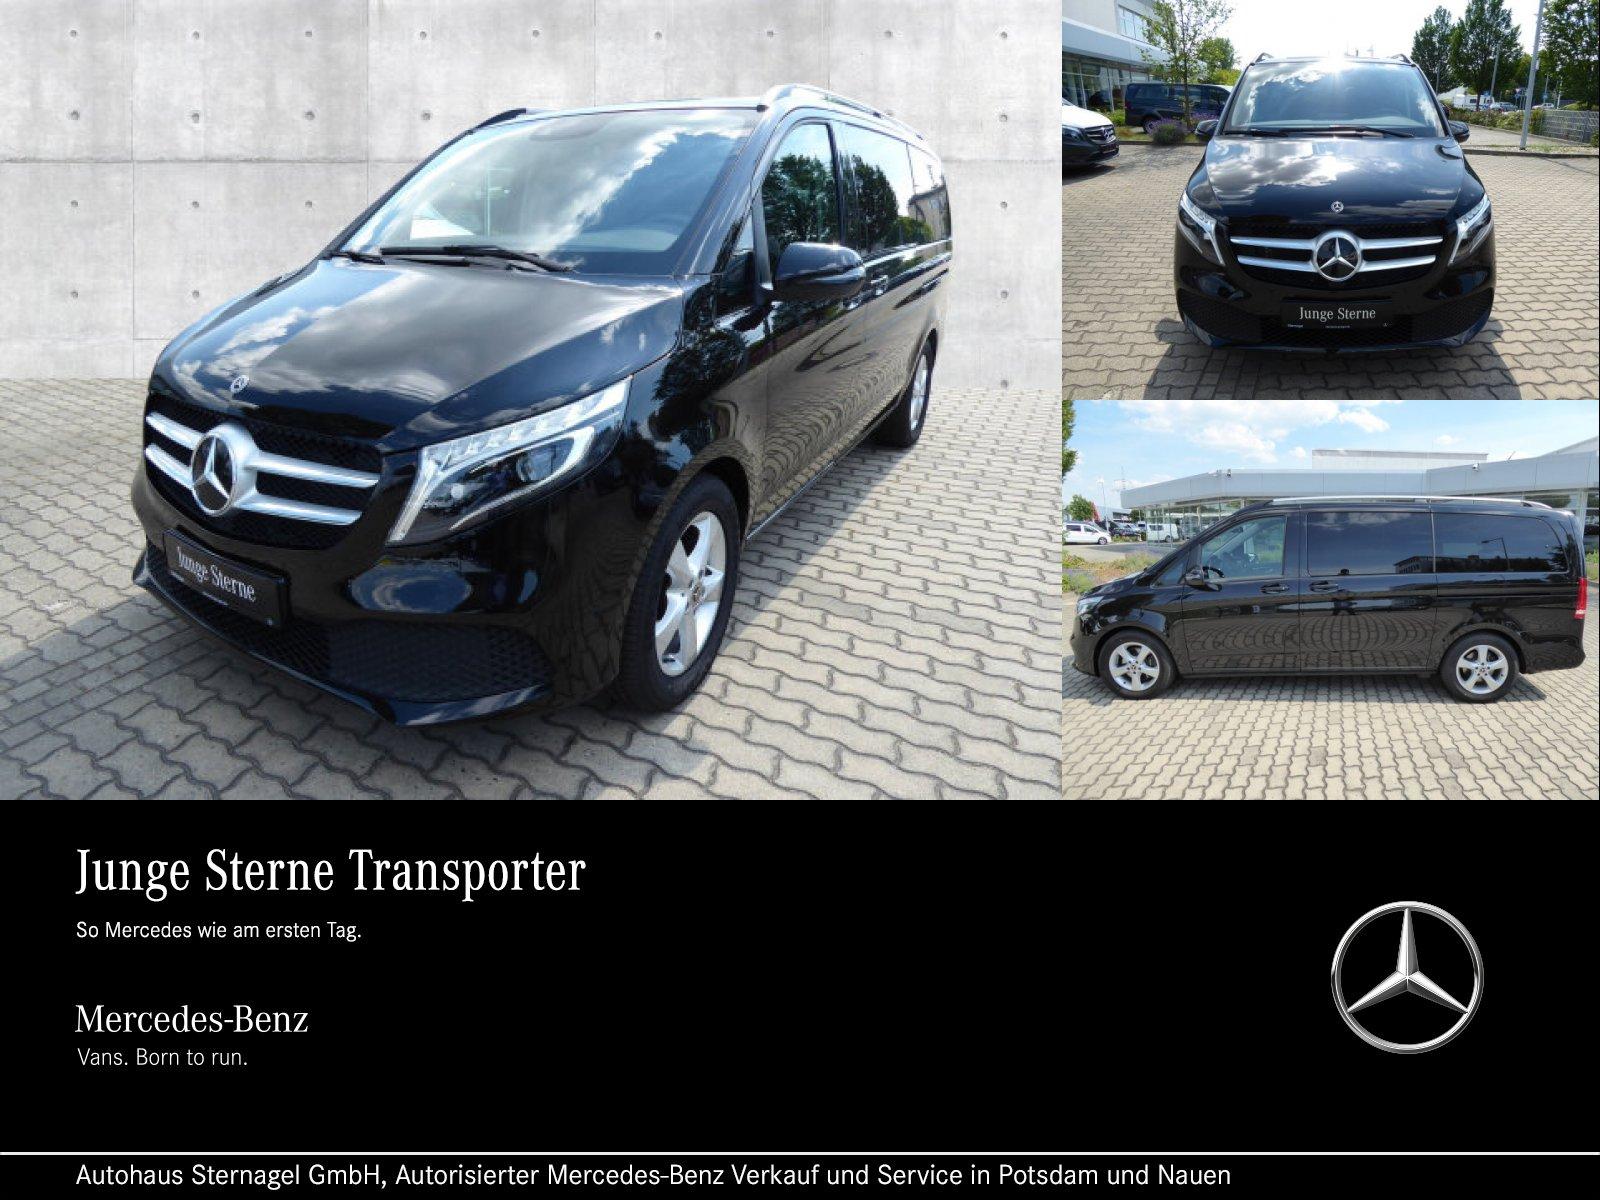 Mercedes-Benz V 300 d EDITION Lang COMAND/AHK/LED/Standhzg./, Jahr 2019, Diesel